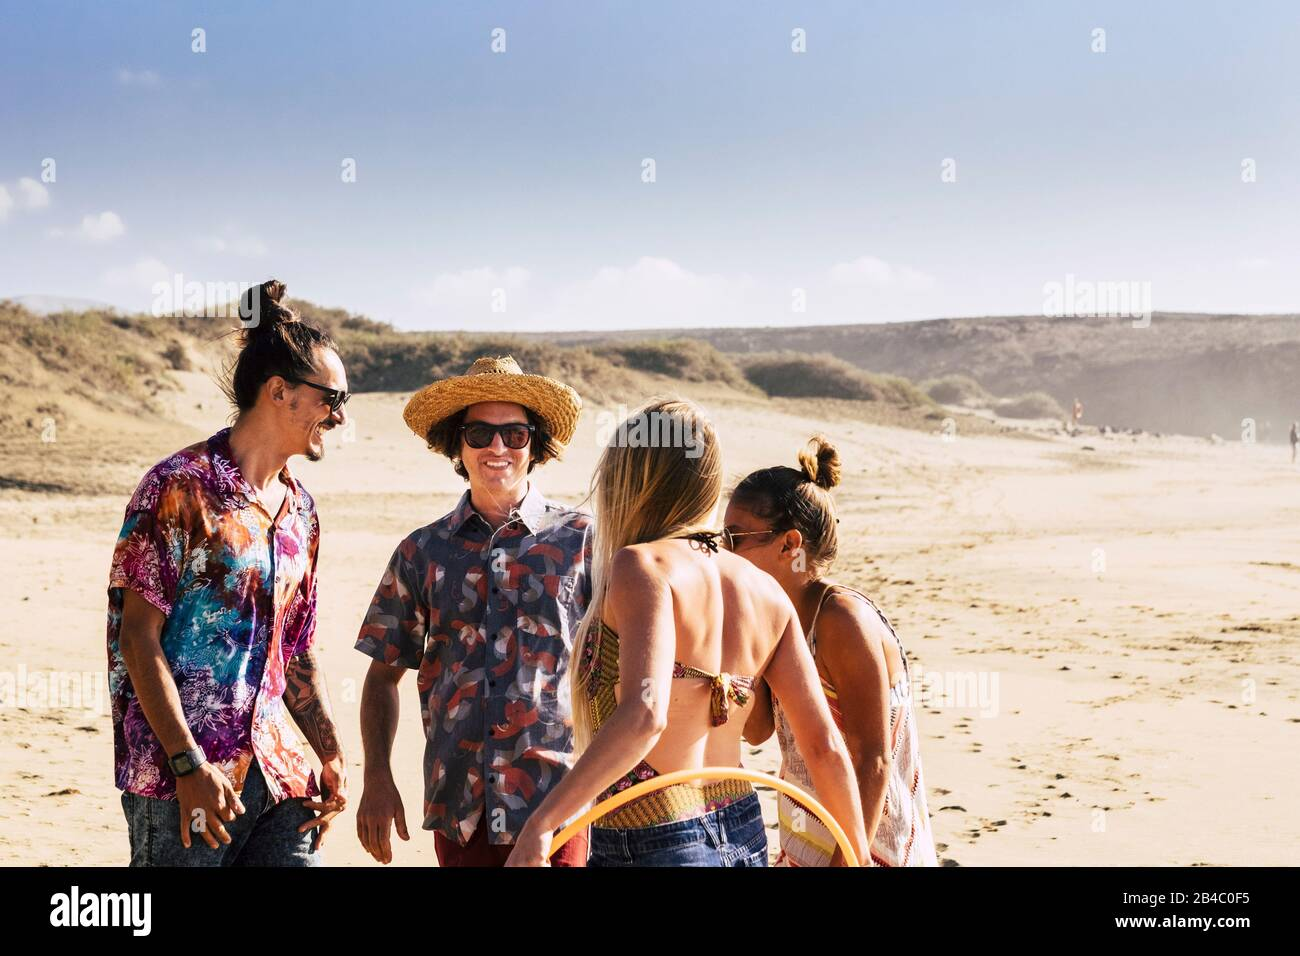 Grupo de gente jóvenes amigos disfrutando y divertirse en la playa - turismo y concepto turístico para vacaciones de verano - sol y hombres y mujeres hermosos juntos al aire libre en la amistad Foto de stock